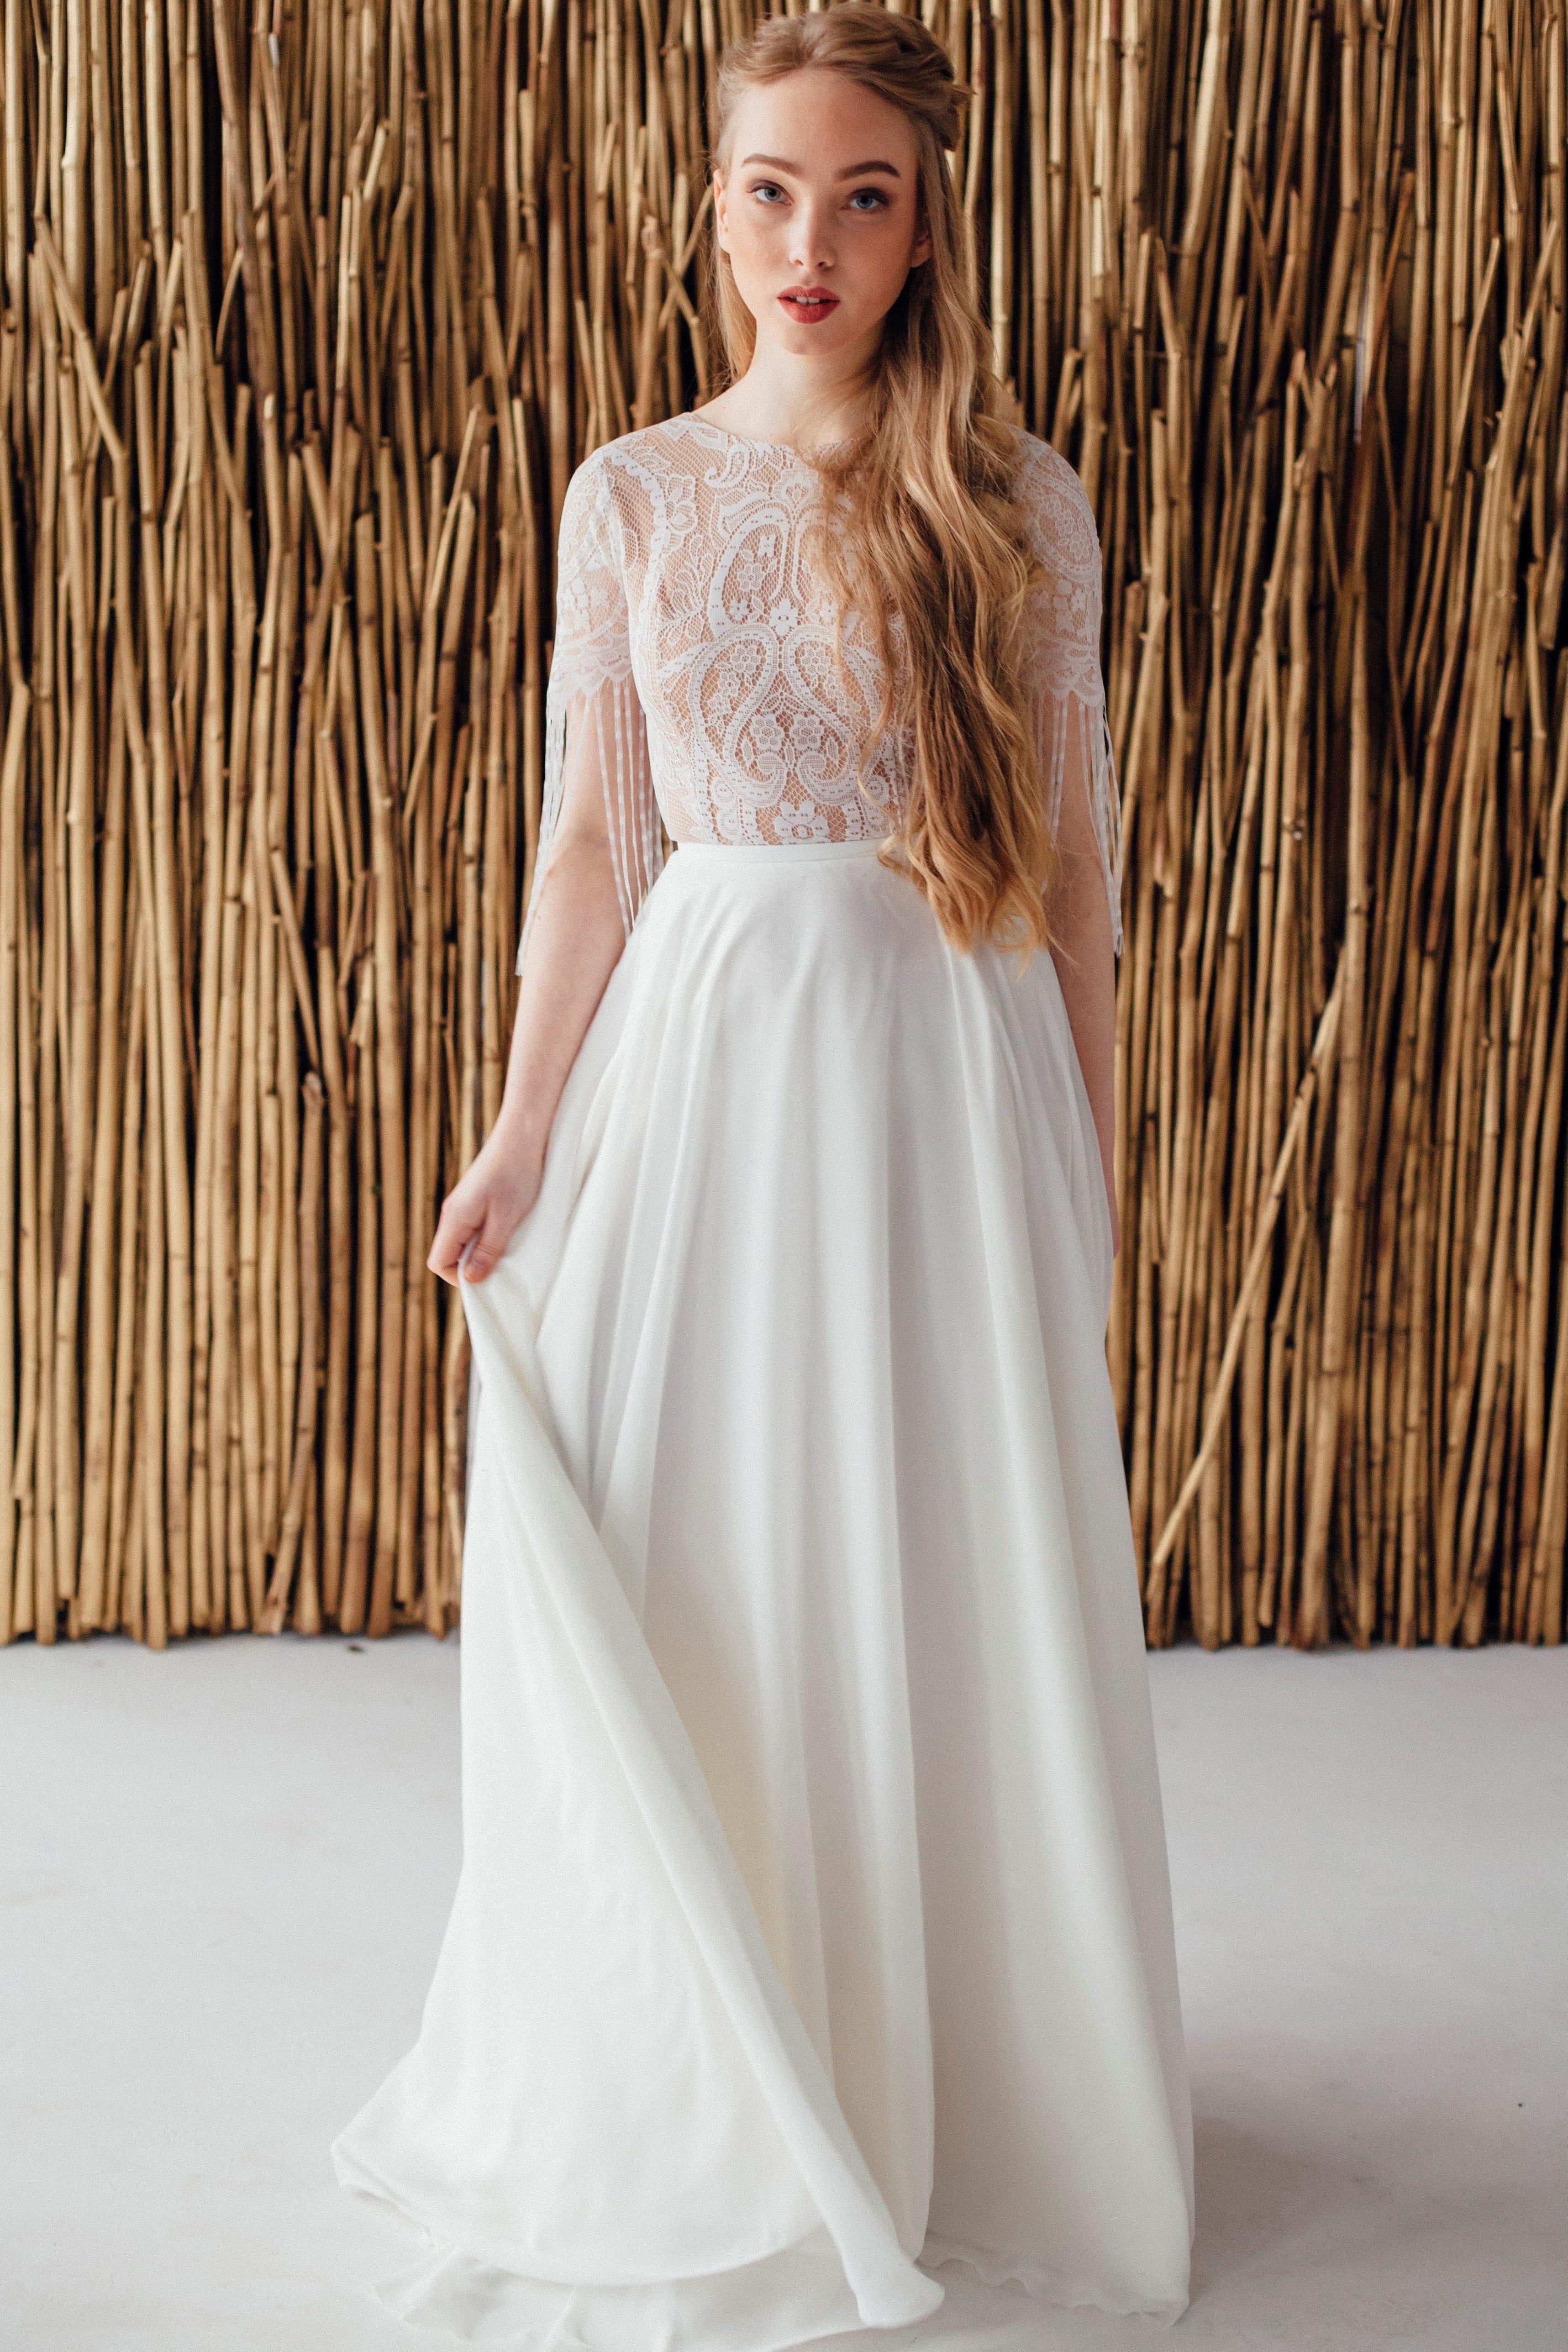 Свадебное платье FRIDA, коллекция MAGIC OF TENDERNESS, бренд LORA SONG, фото 1